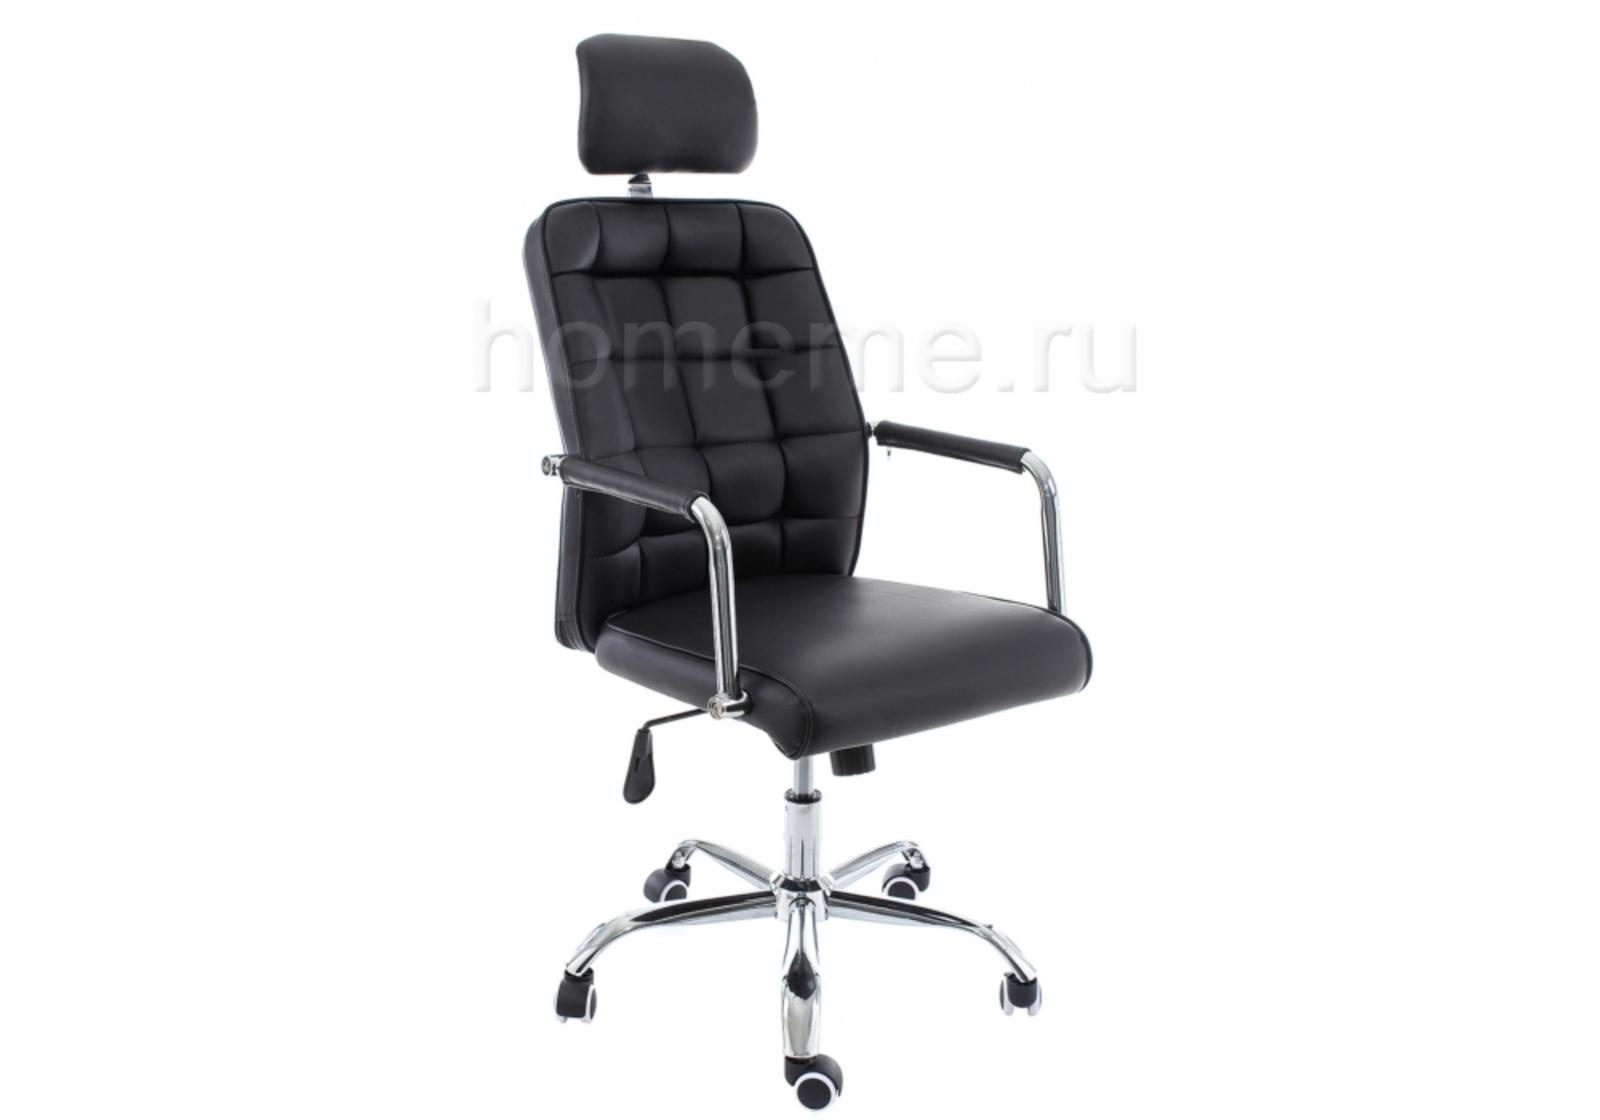 Кресло для офиса HomeMe Компьютерное кресло Atlas черное 11050 от Homeme.ru